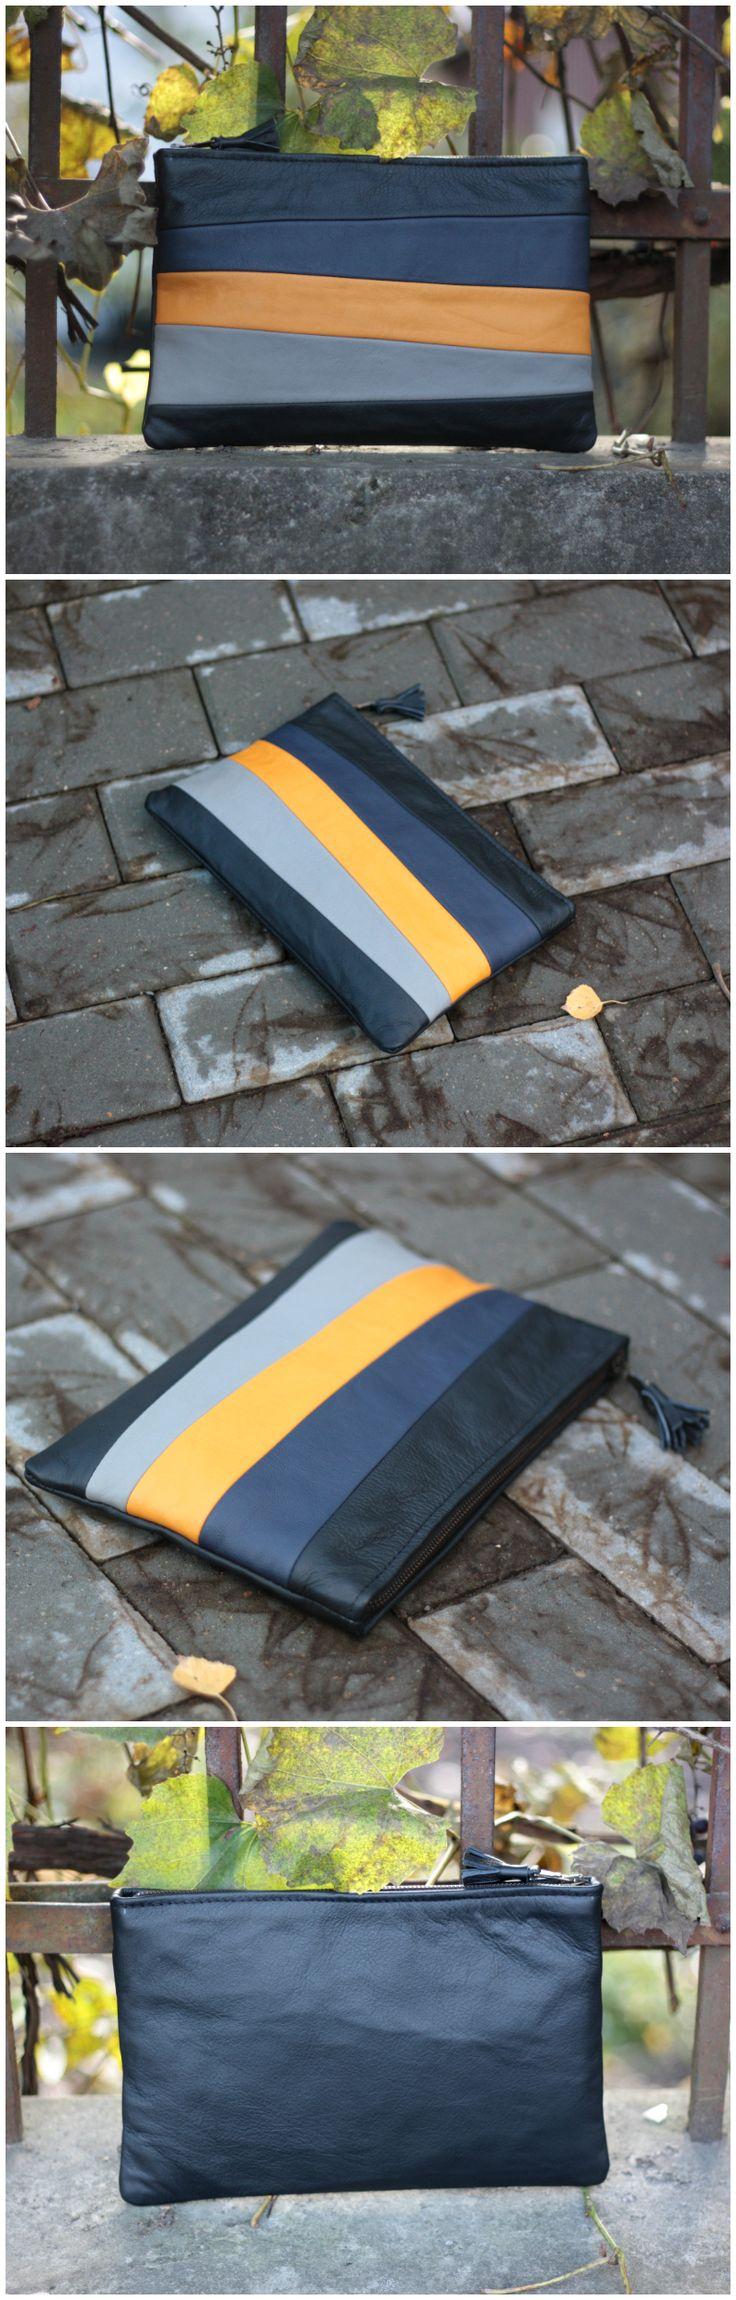 #clutch #clutchbag #fashion #style #stripes #clutchpurse #yellow #blue #grey #colorful